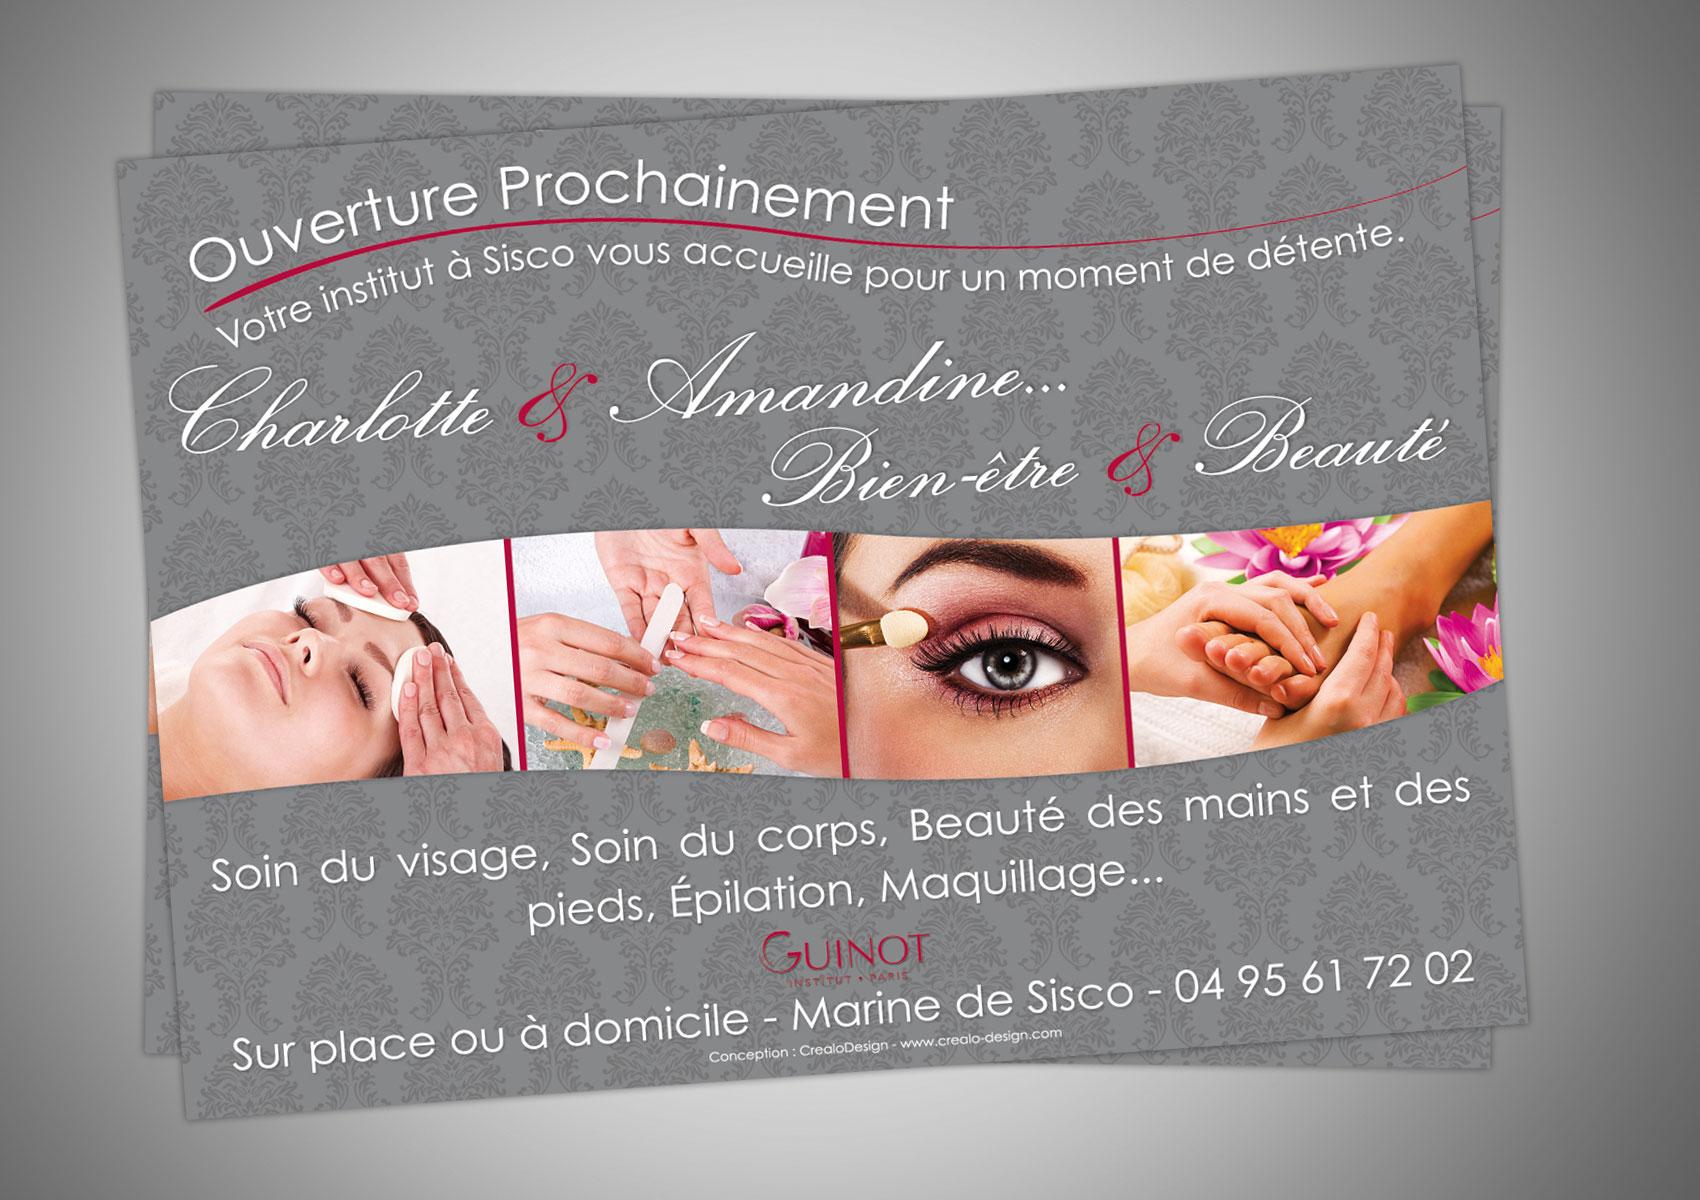 Institut Charlotte & Amandine